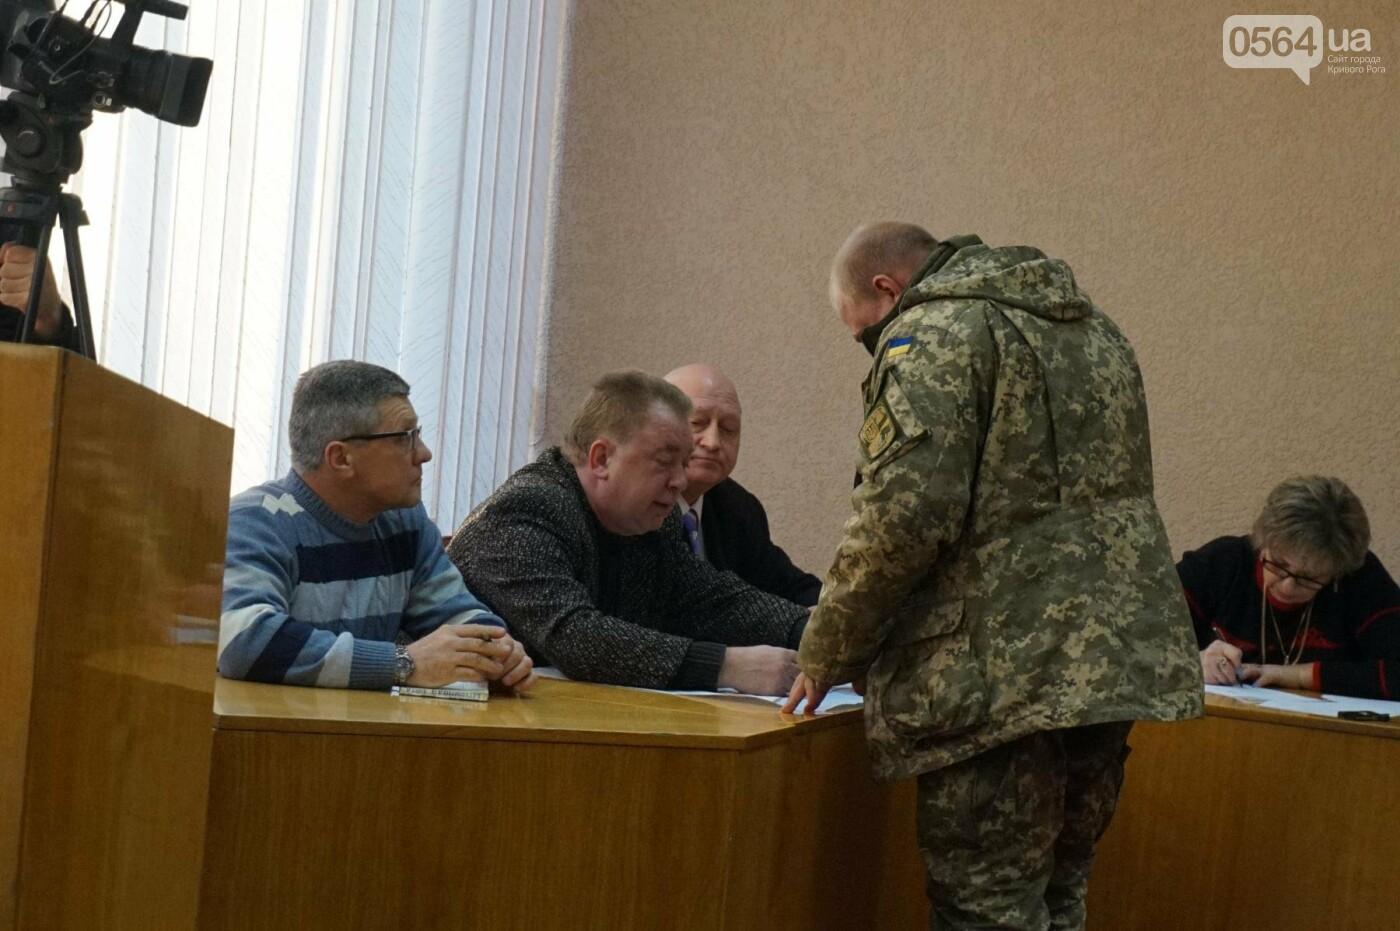 В Кривом Роге 52 бойца АТО получили землю под строительство жилья (ФОТО), фото-12